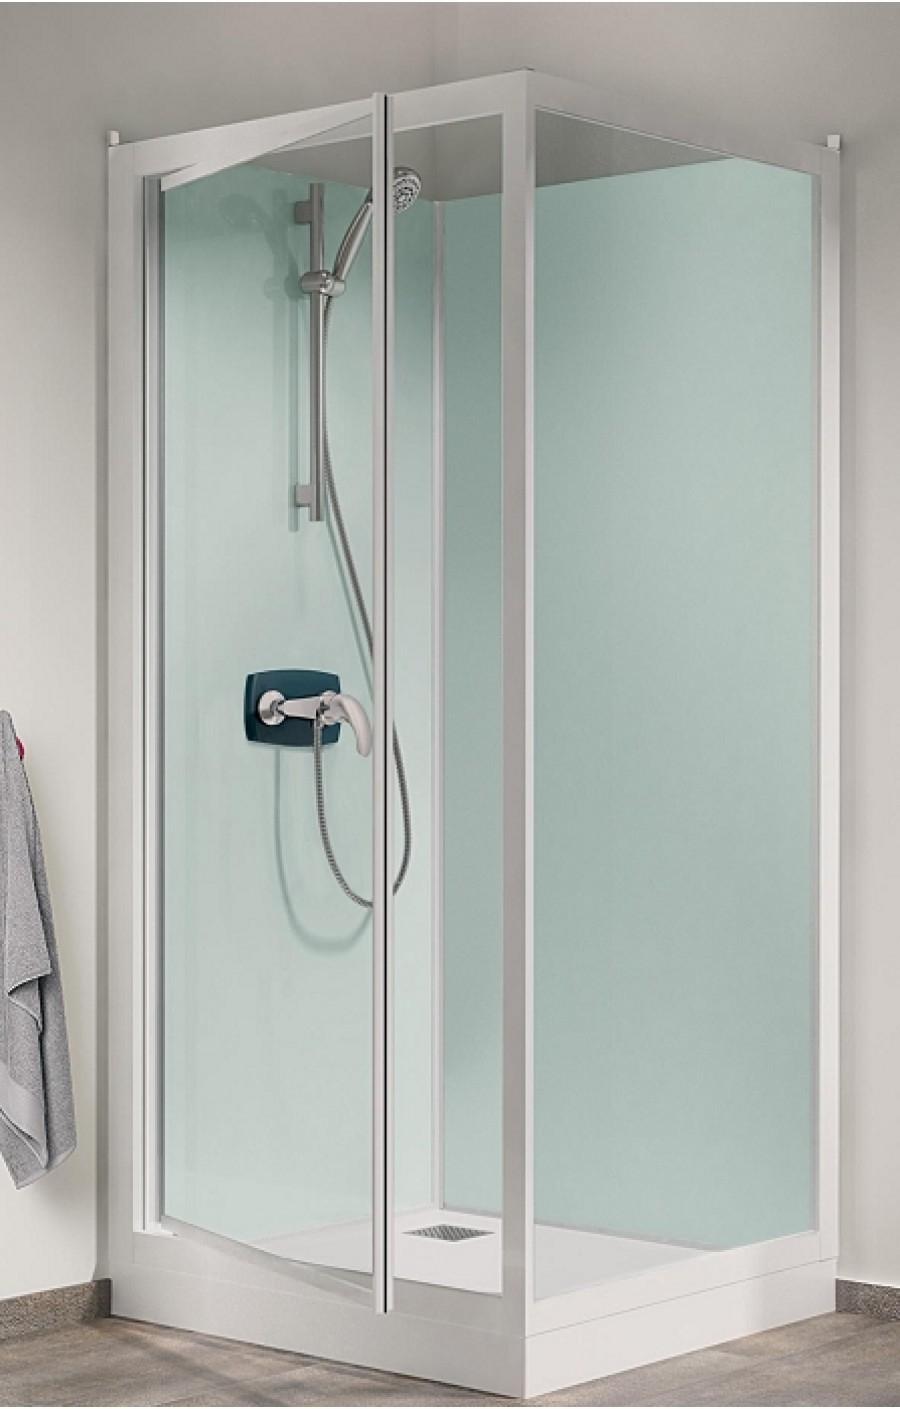 cabine de douche kineprime glass faible hauteur 70 x 70cm. Black Bedroom Furniture Sets. Home Design Ideas